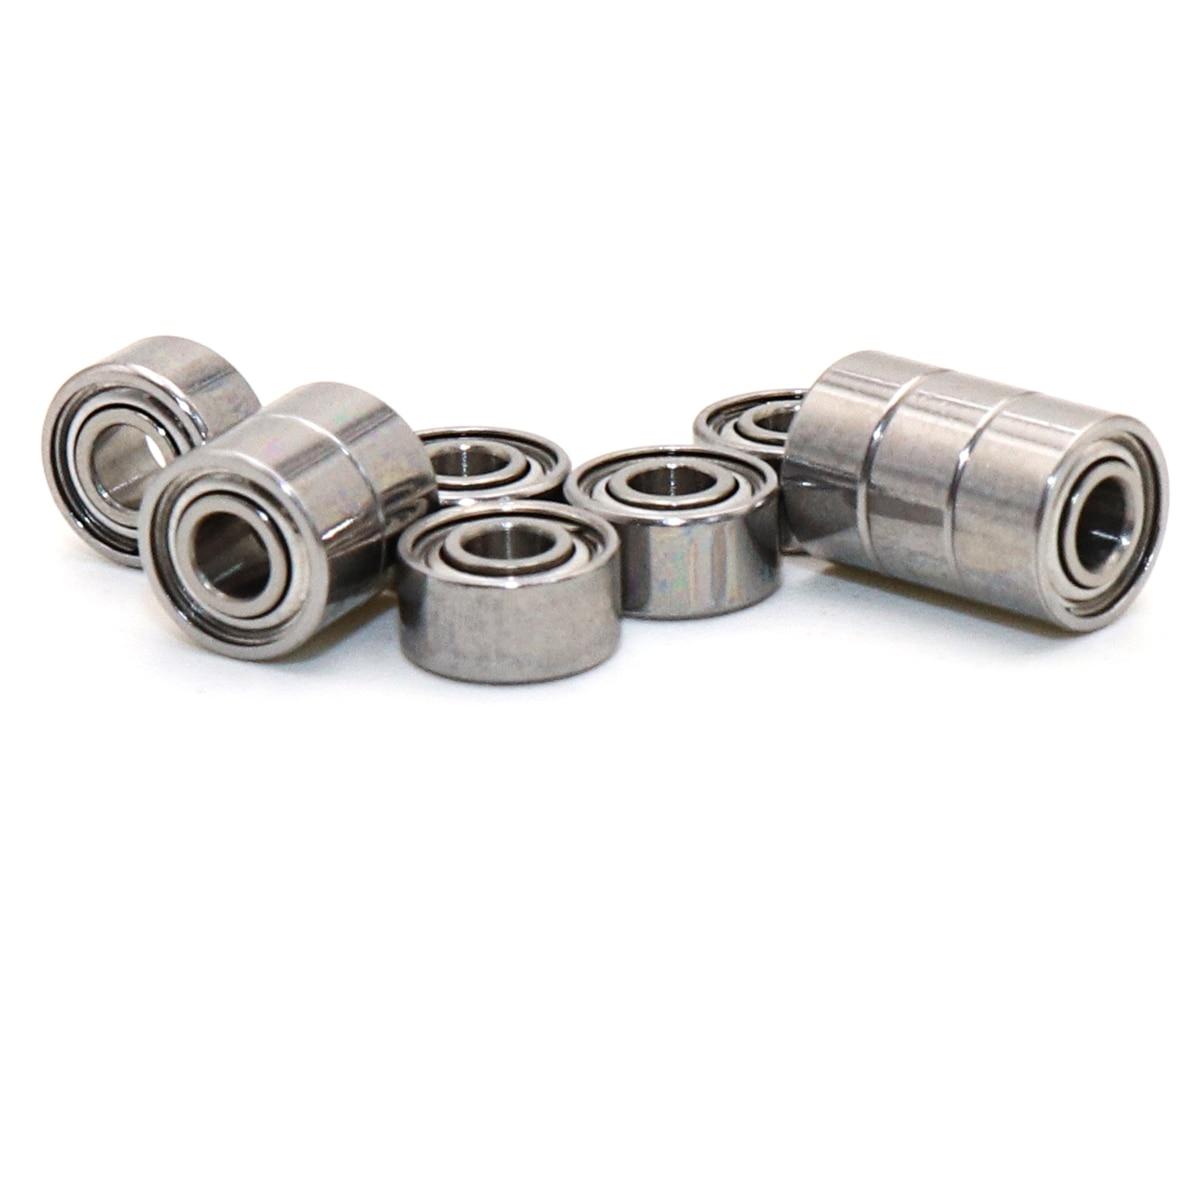 10 قطعة MOCHU 683ZZ P5 3x7x3 صف واحد كرات تروس الحمل عميقة الاخدود ABEC 5 الدقة مزدوجة محمية